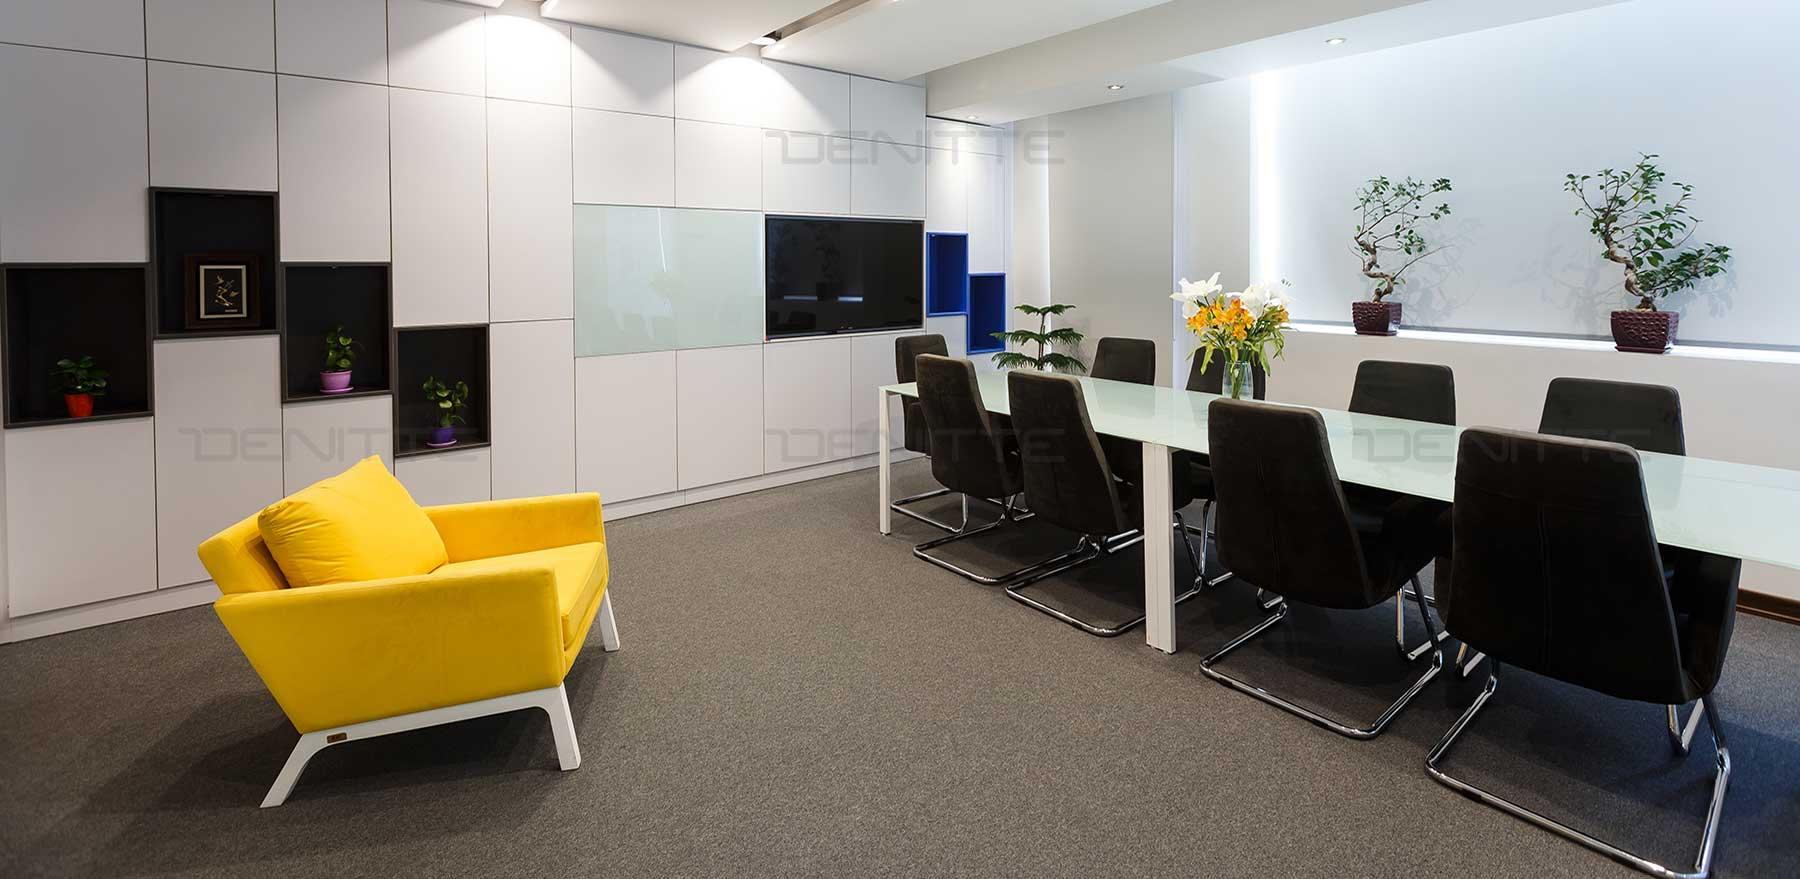 میز های شرکت ادرون